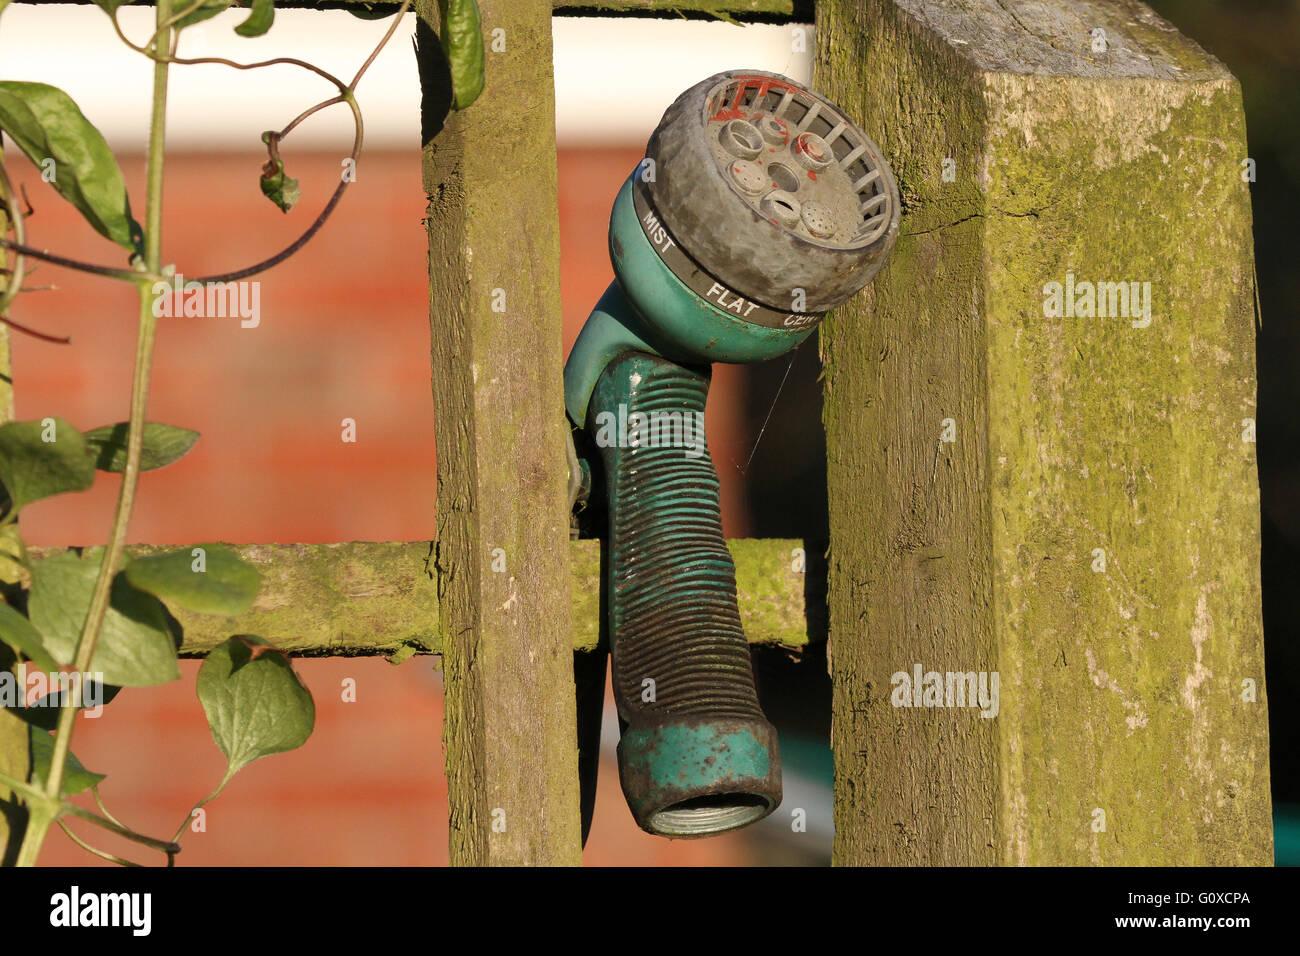 Garden Hose Gun Stock Photos & Garden Hose Gun Stock Images - Alamy